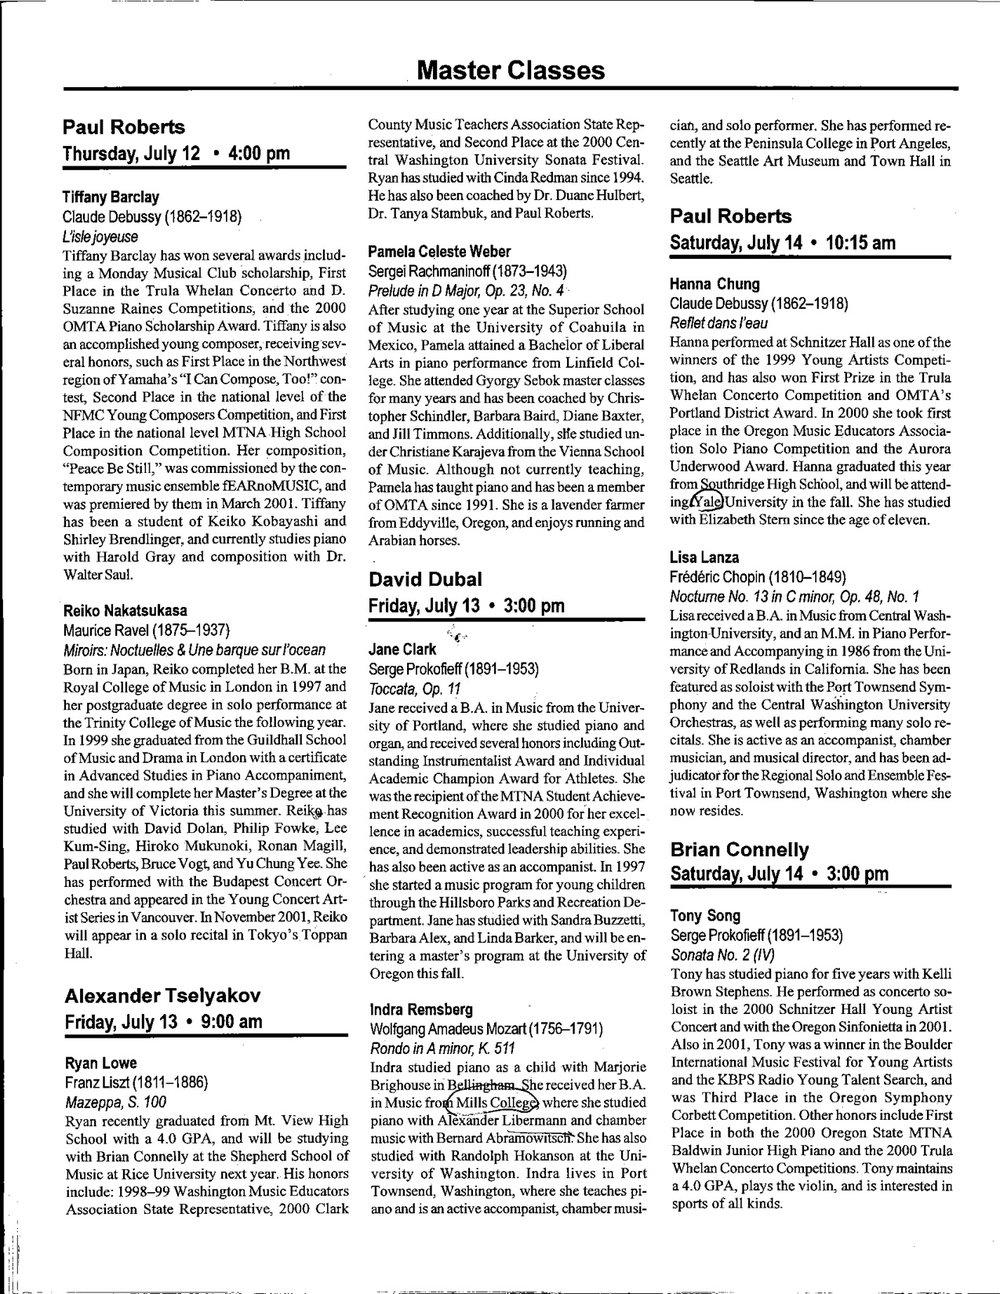 Fest2001_8.jpg